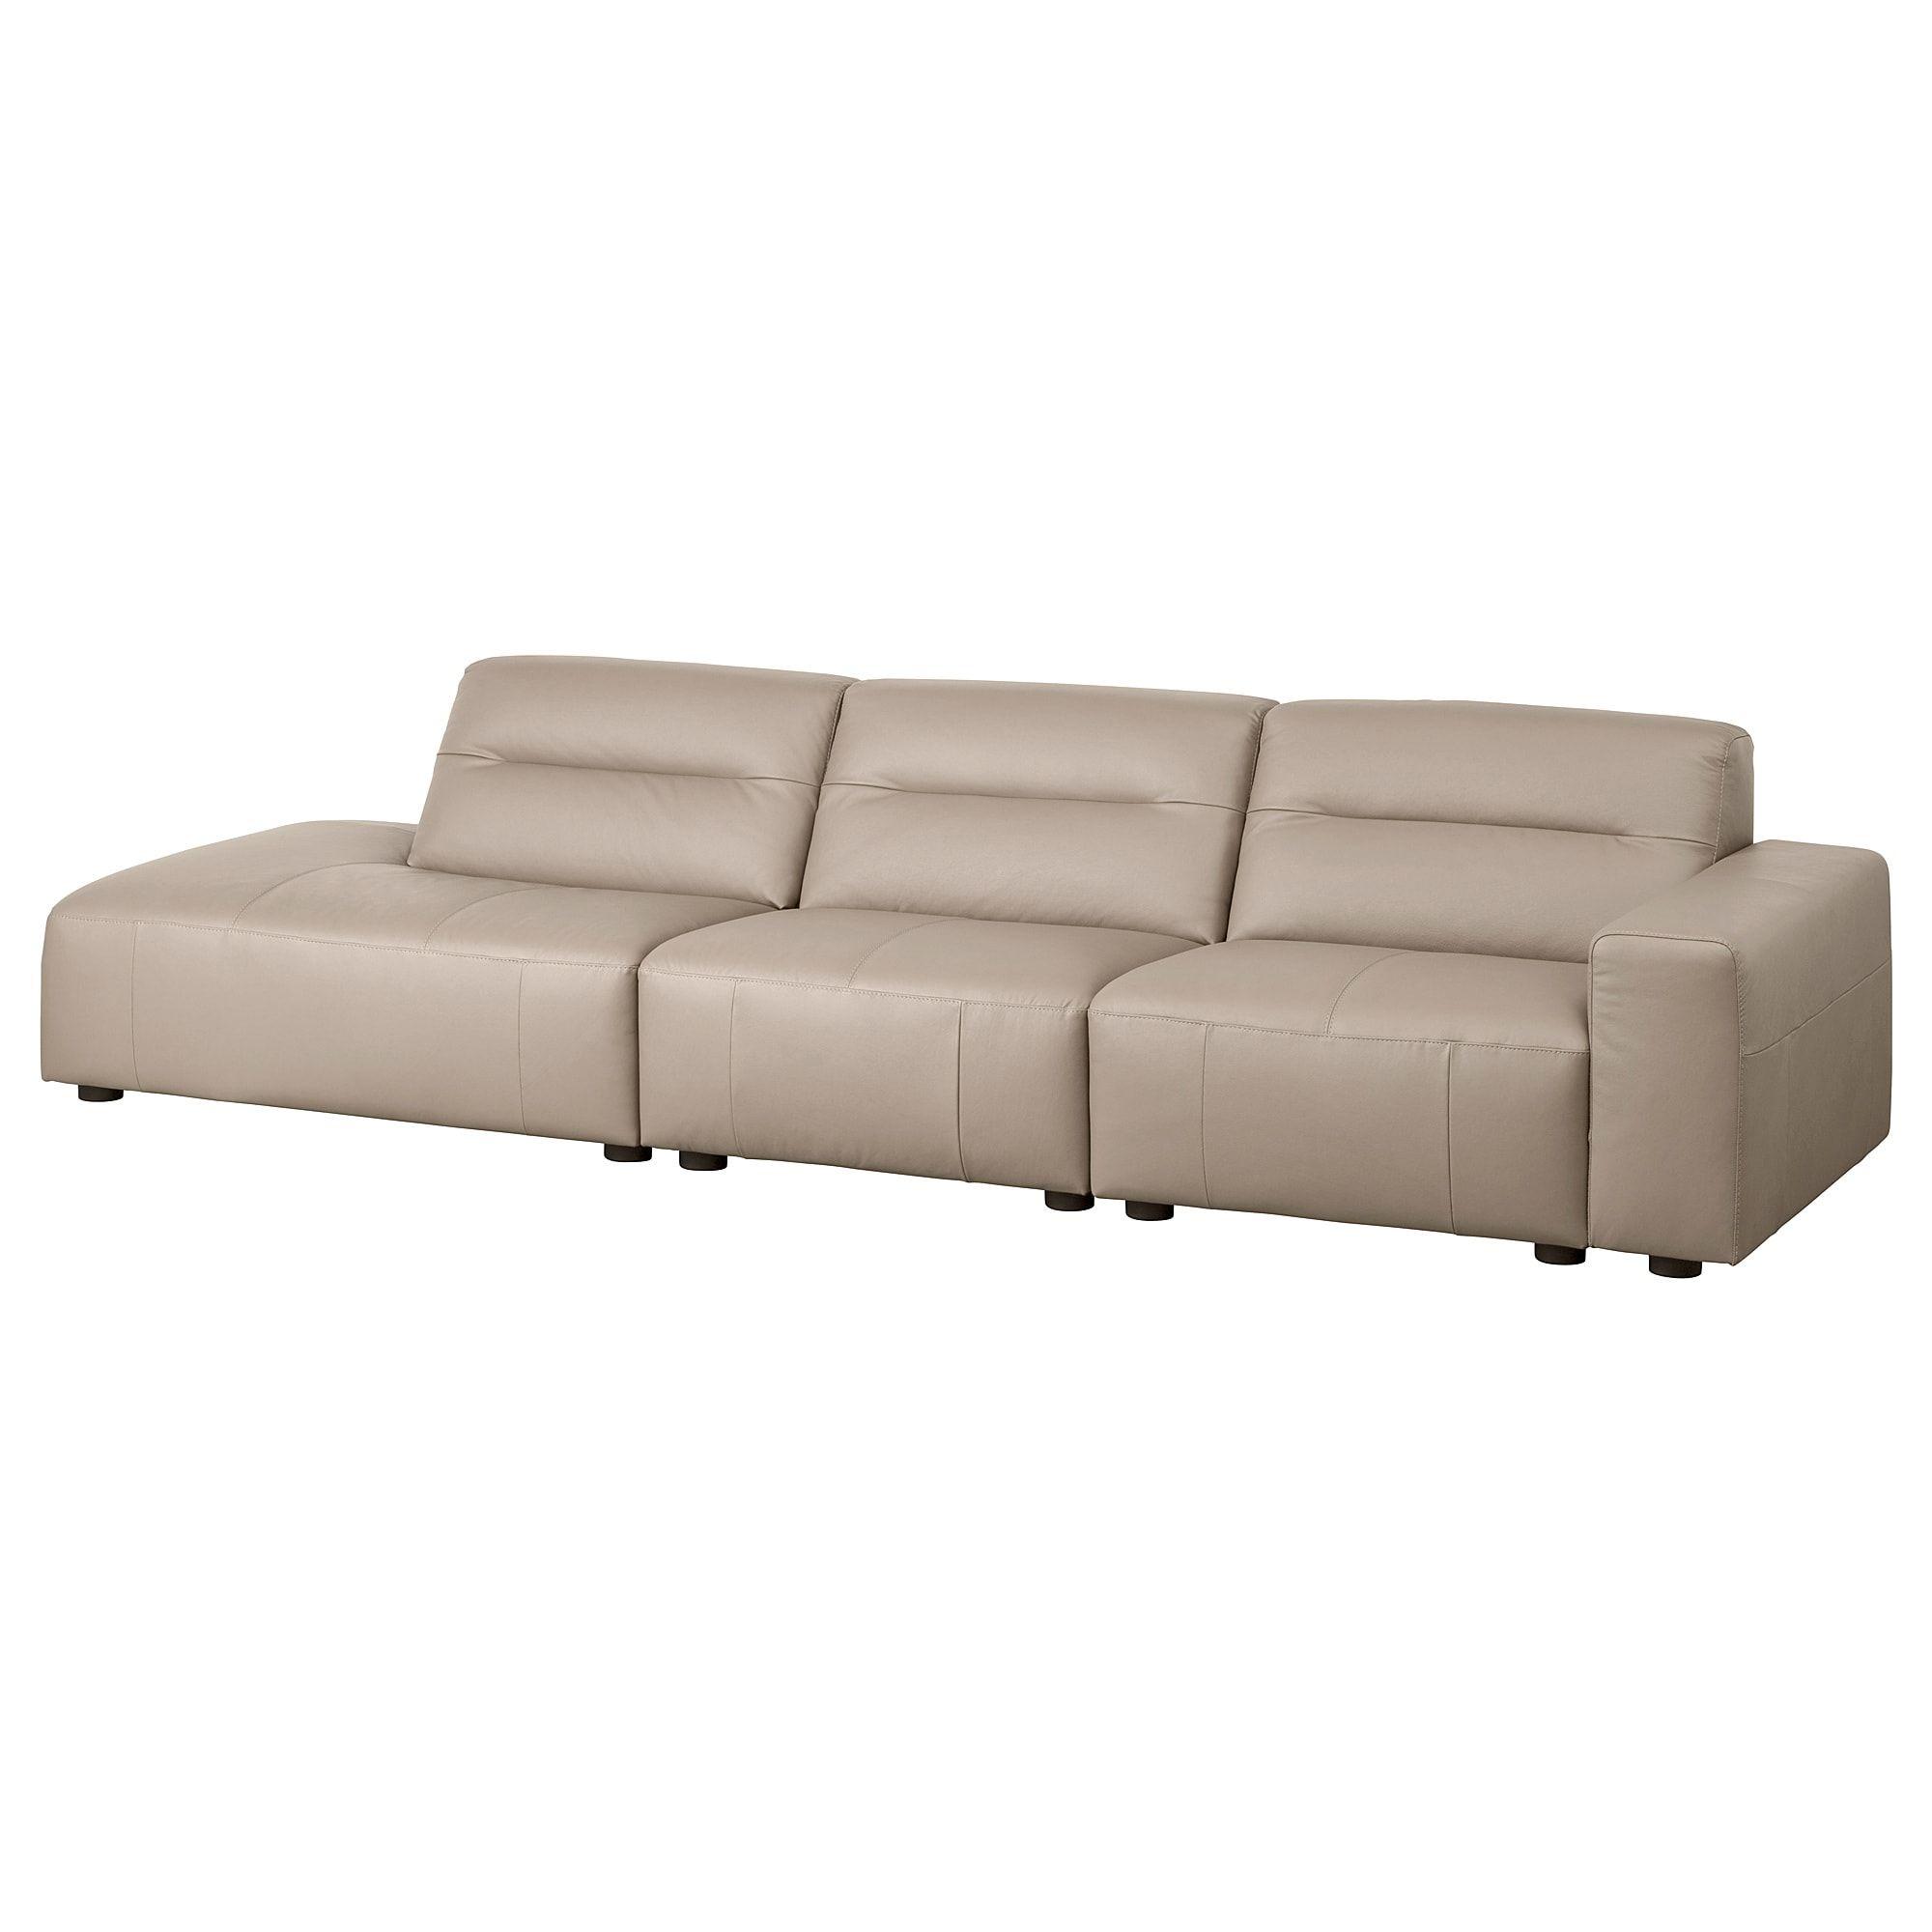 Snogge Jetzt Bestellen Unter Https Moebel Ladendirekt De Wohnzimmer Sofas 2 Und 3 Sitzer Sofas Uid Ba10632c 31ca 3er Sofa Sofa Big Sofa Mit Schlaffunktion